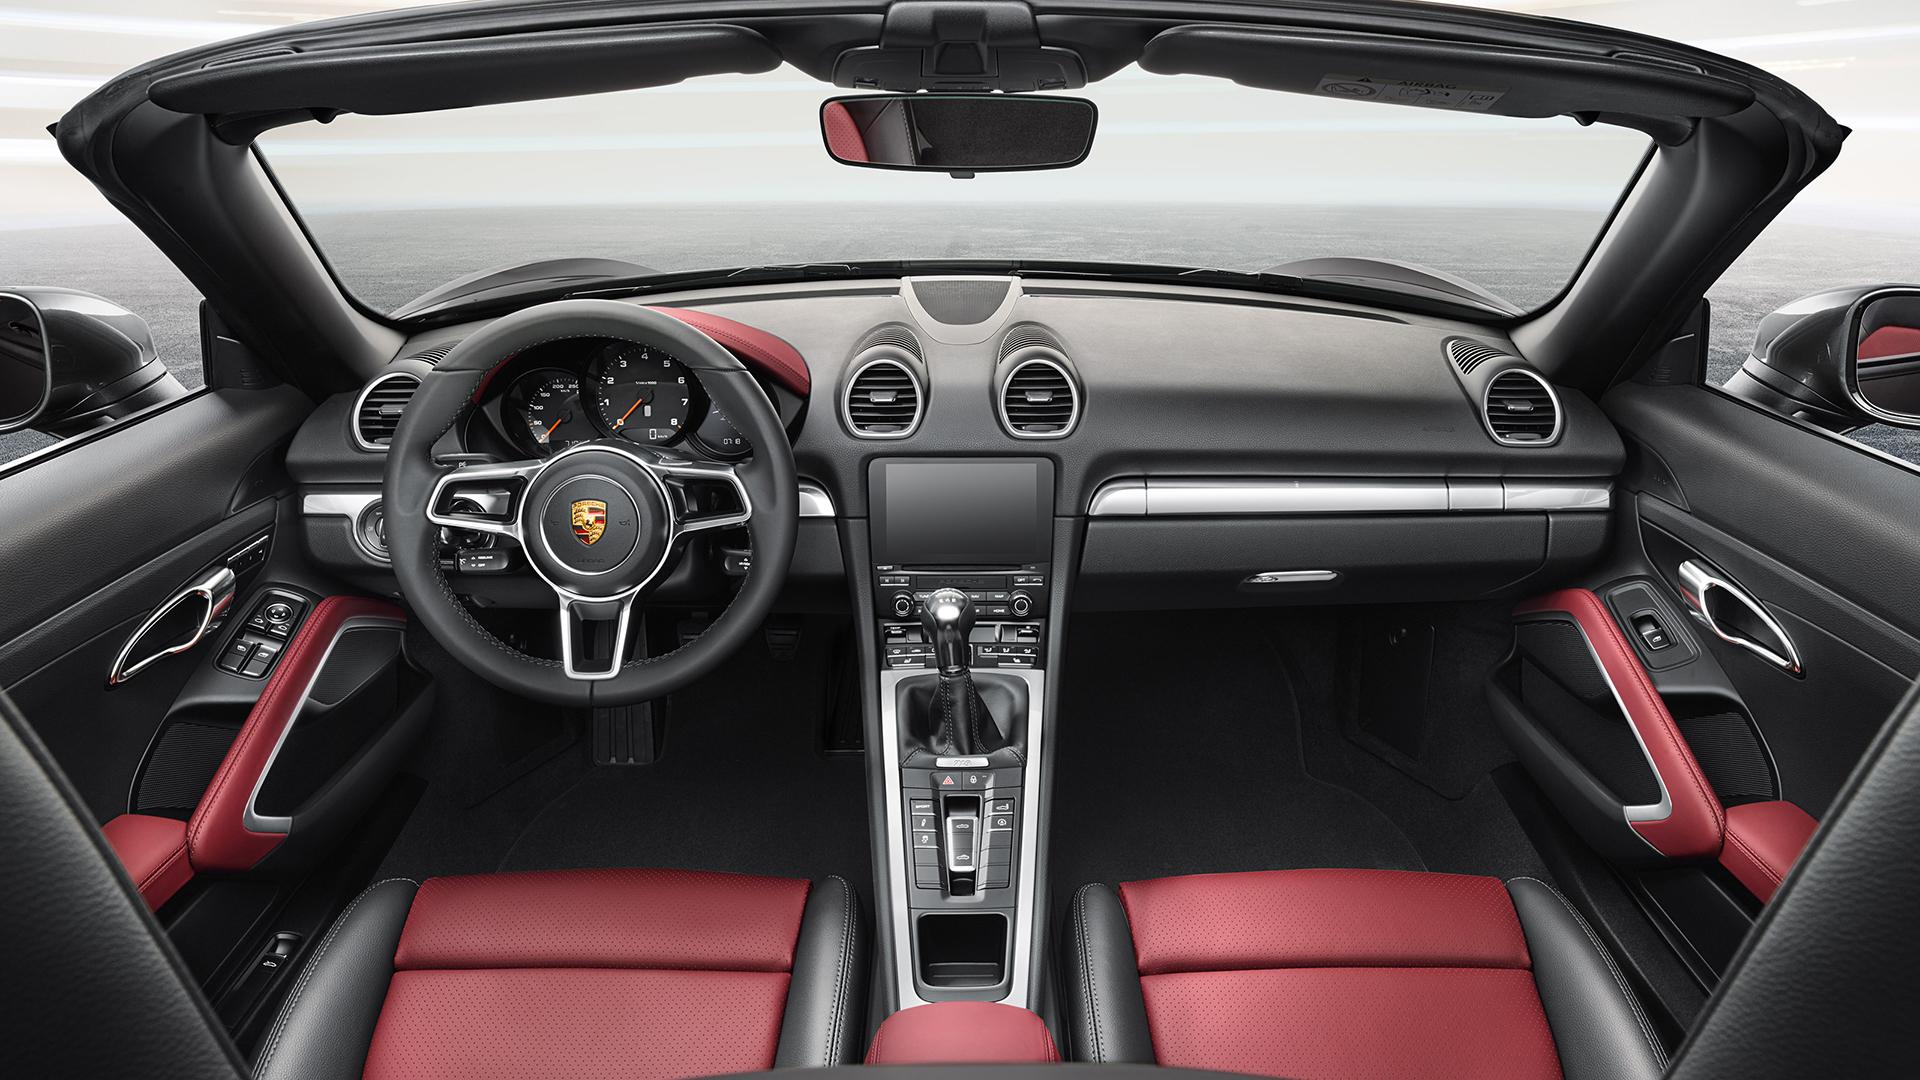 Porsche 718 Boxster - 2016 - intérieur / interior